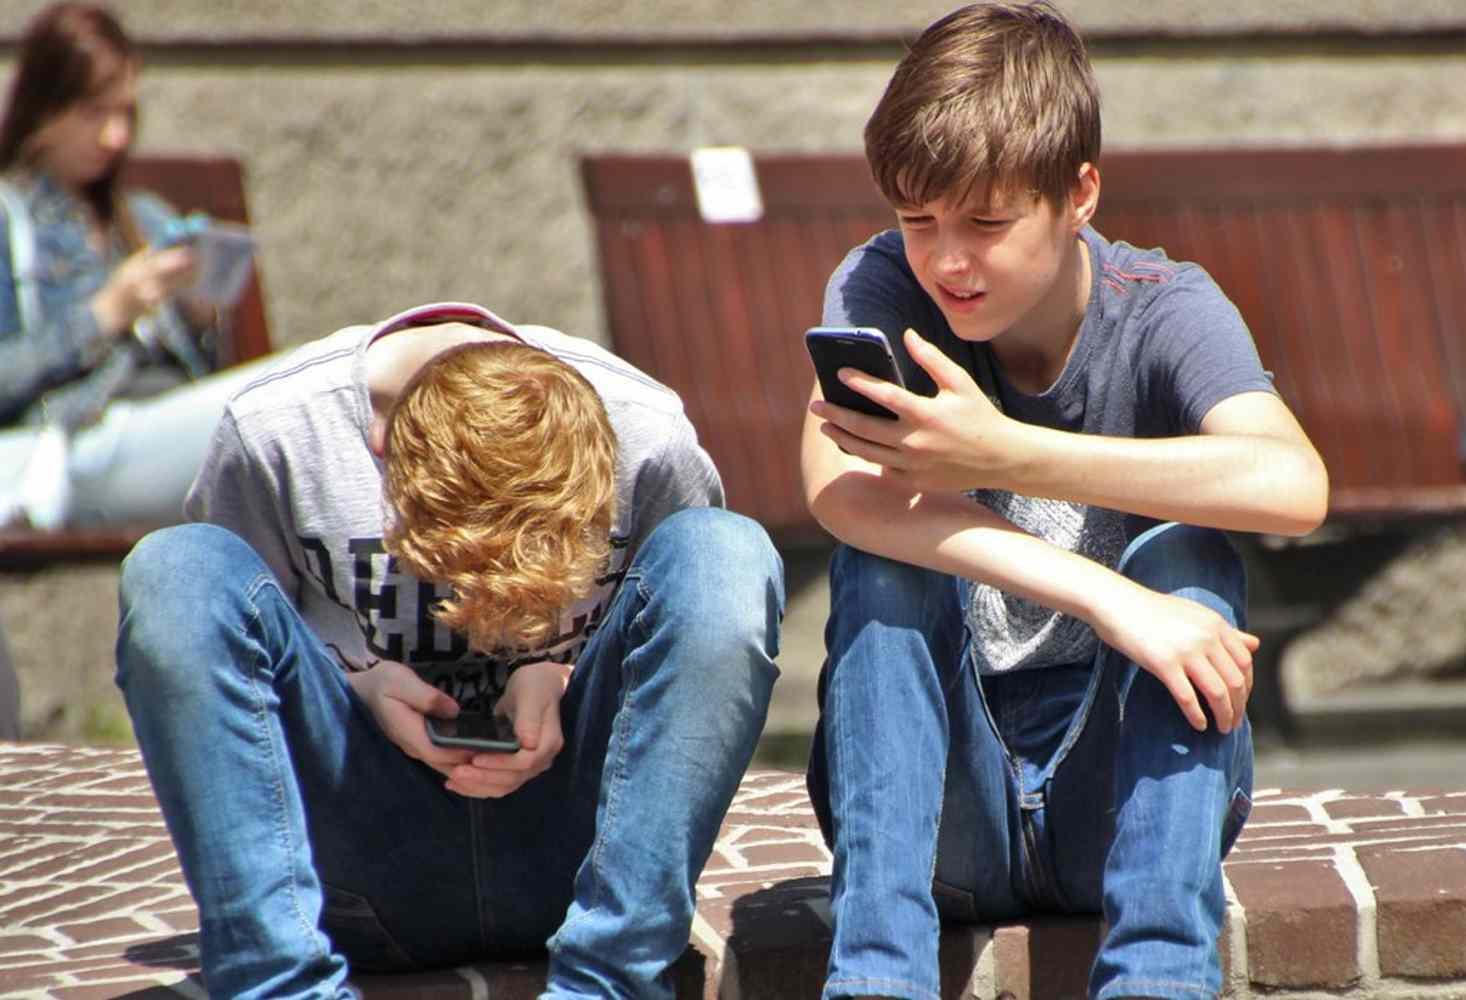 deputat-gosdumy-predlozhil-zamenit-smartfony-v-shkolah-na-shkulfony